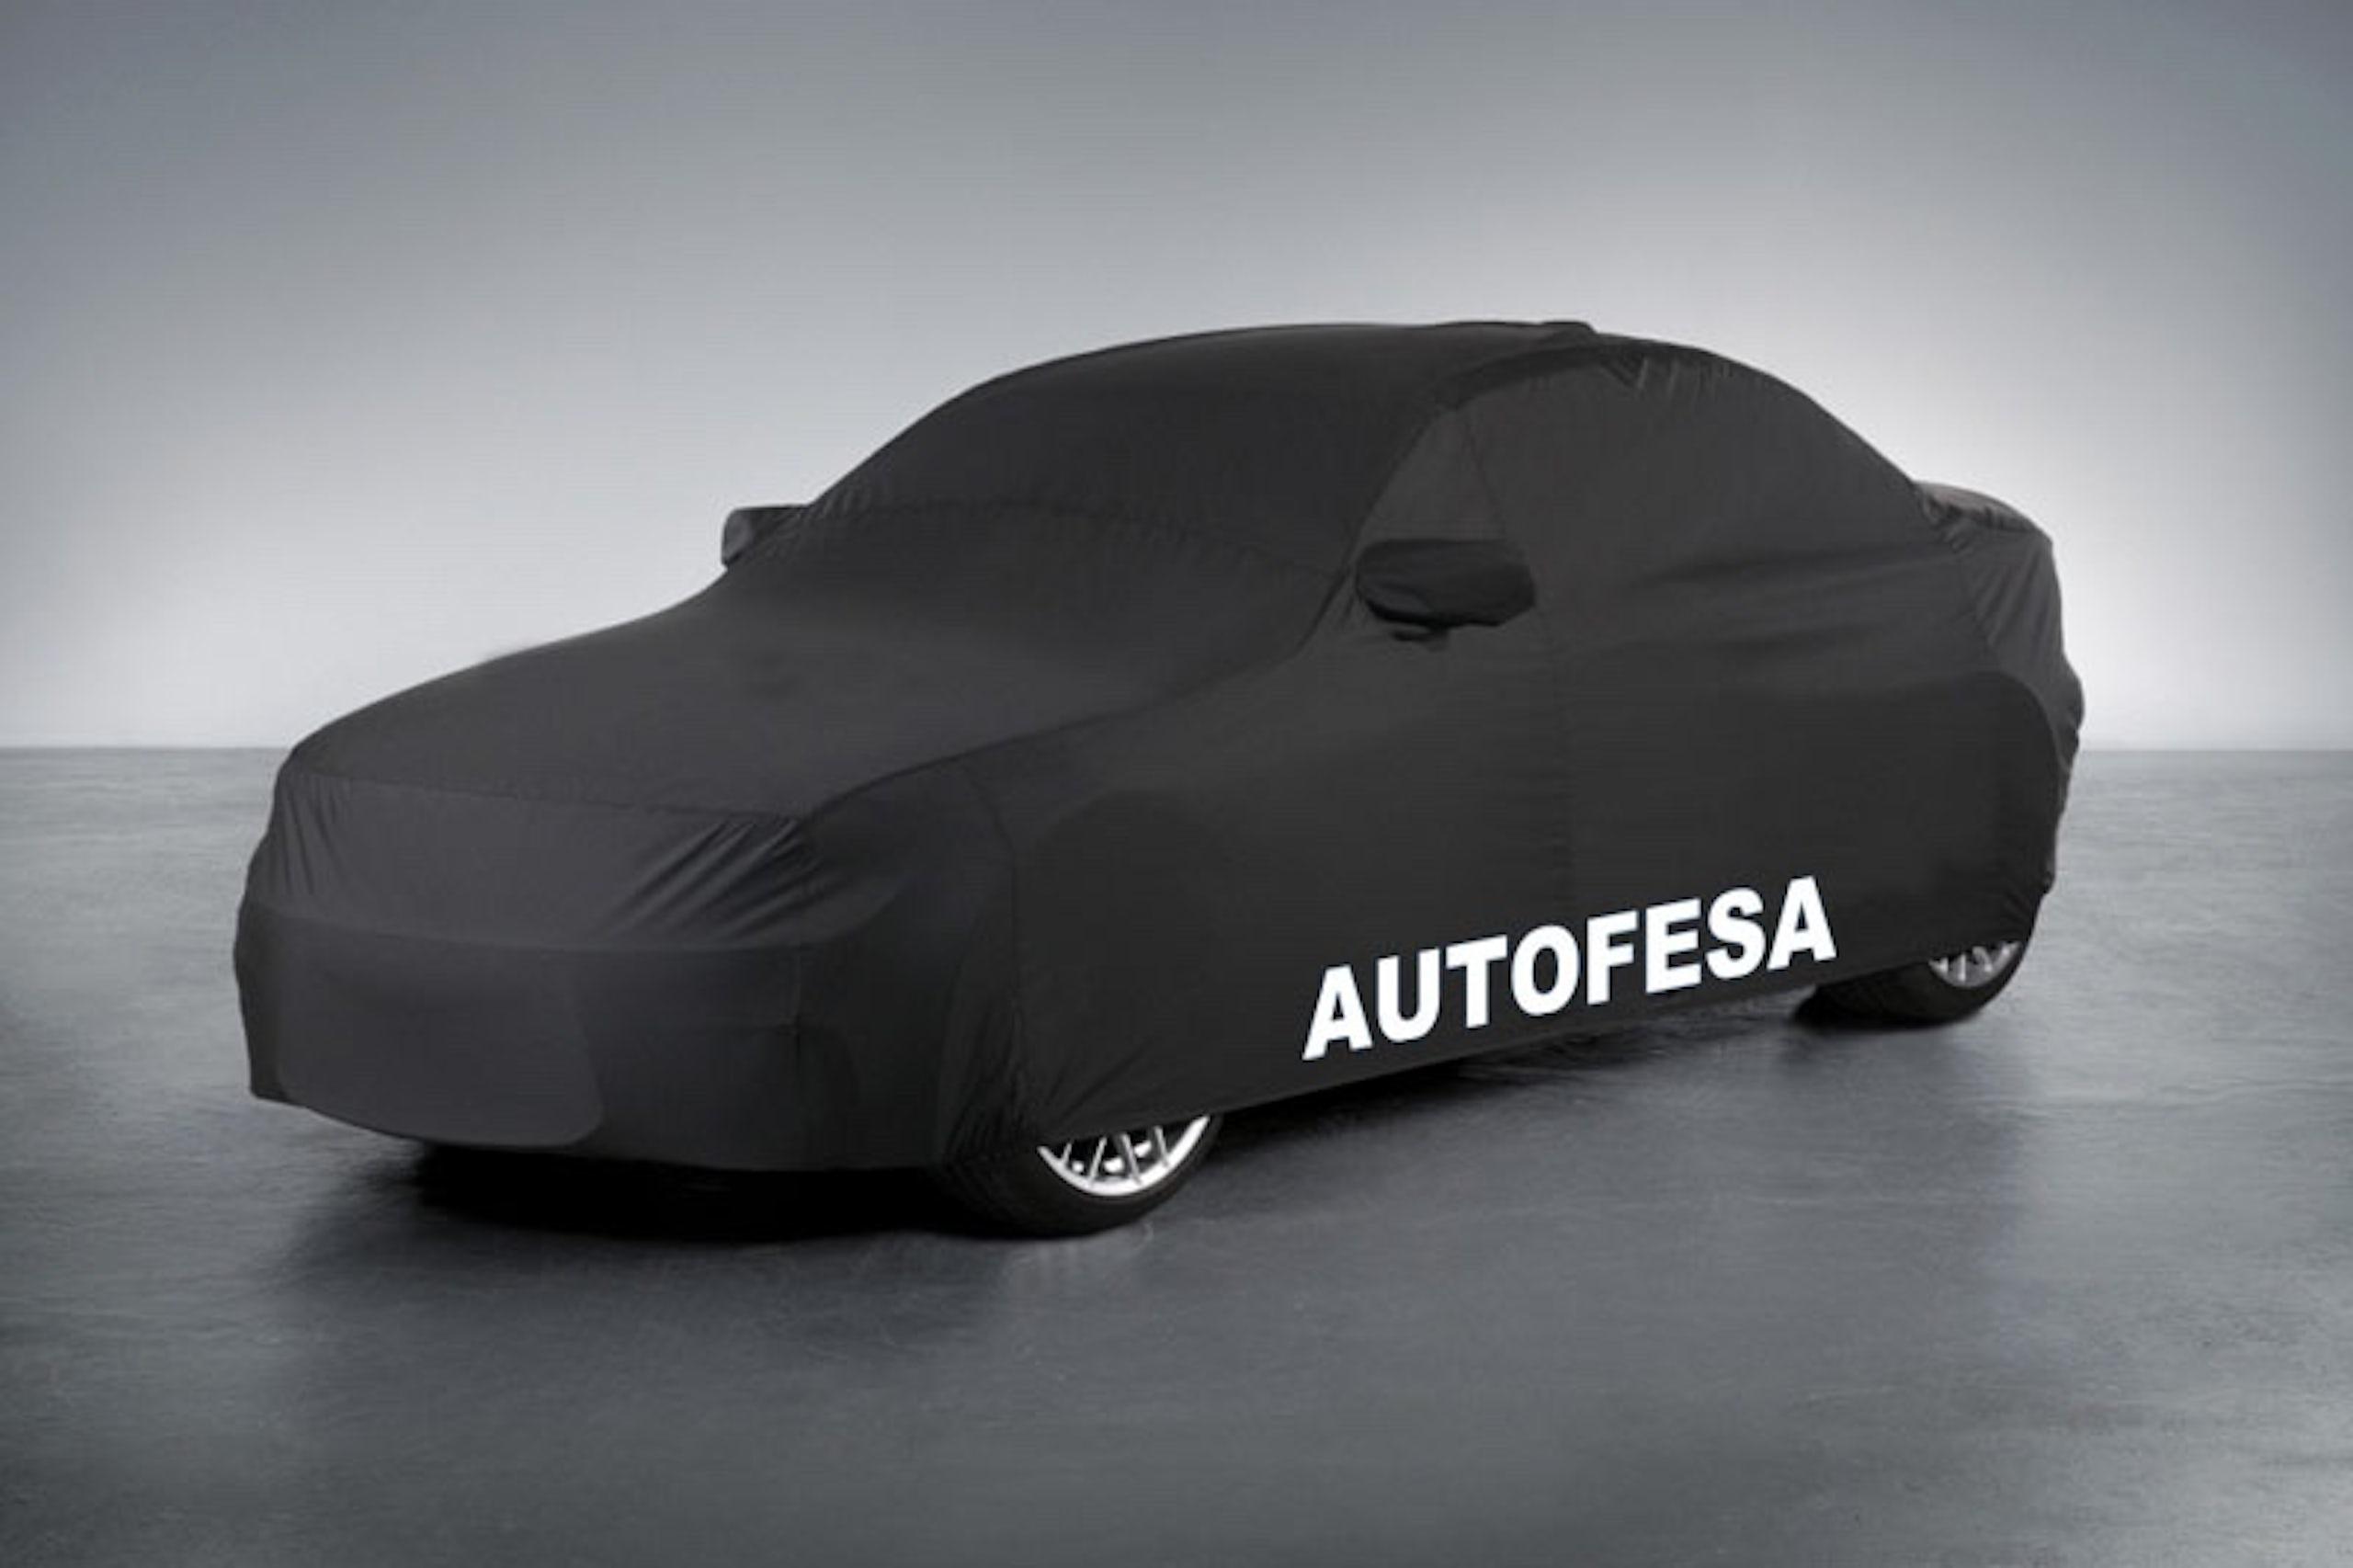 Fotos del Peugeot 5008 1.6 PURE TECH 180cv GT LINE S/S AUTO 7 plzs Exterior 1